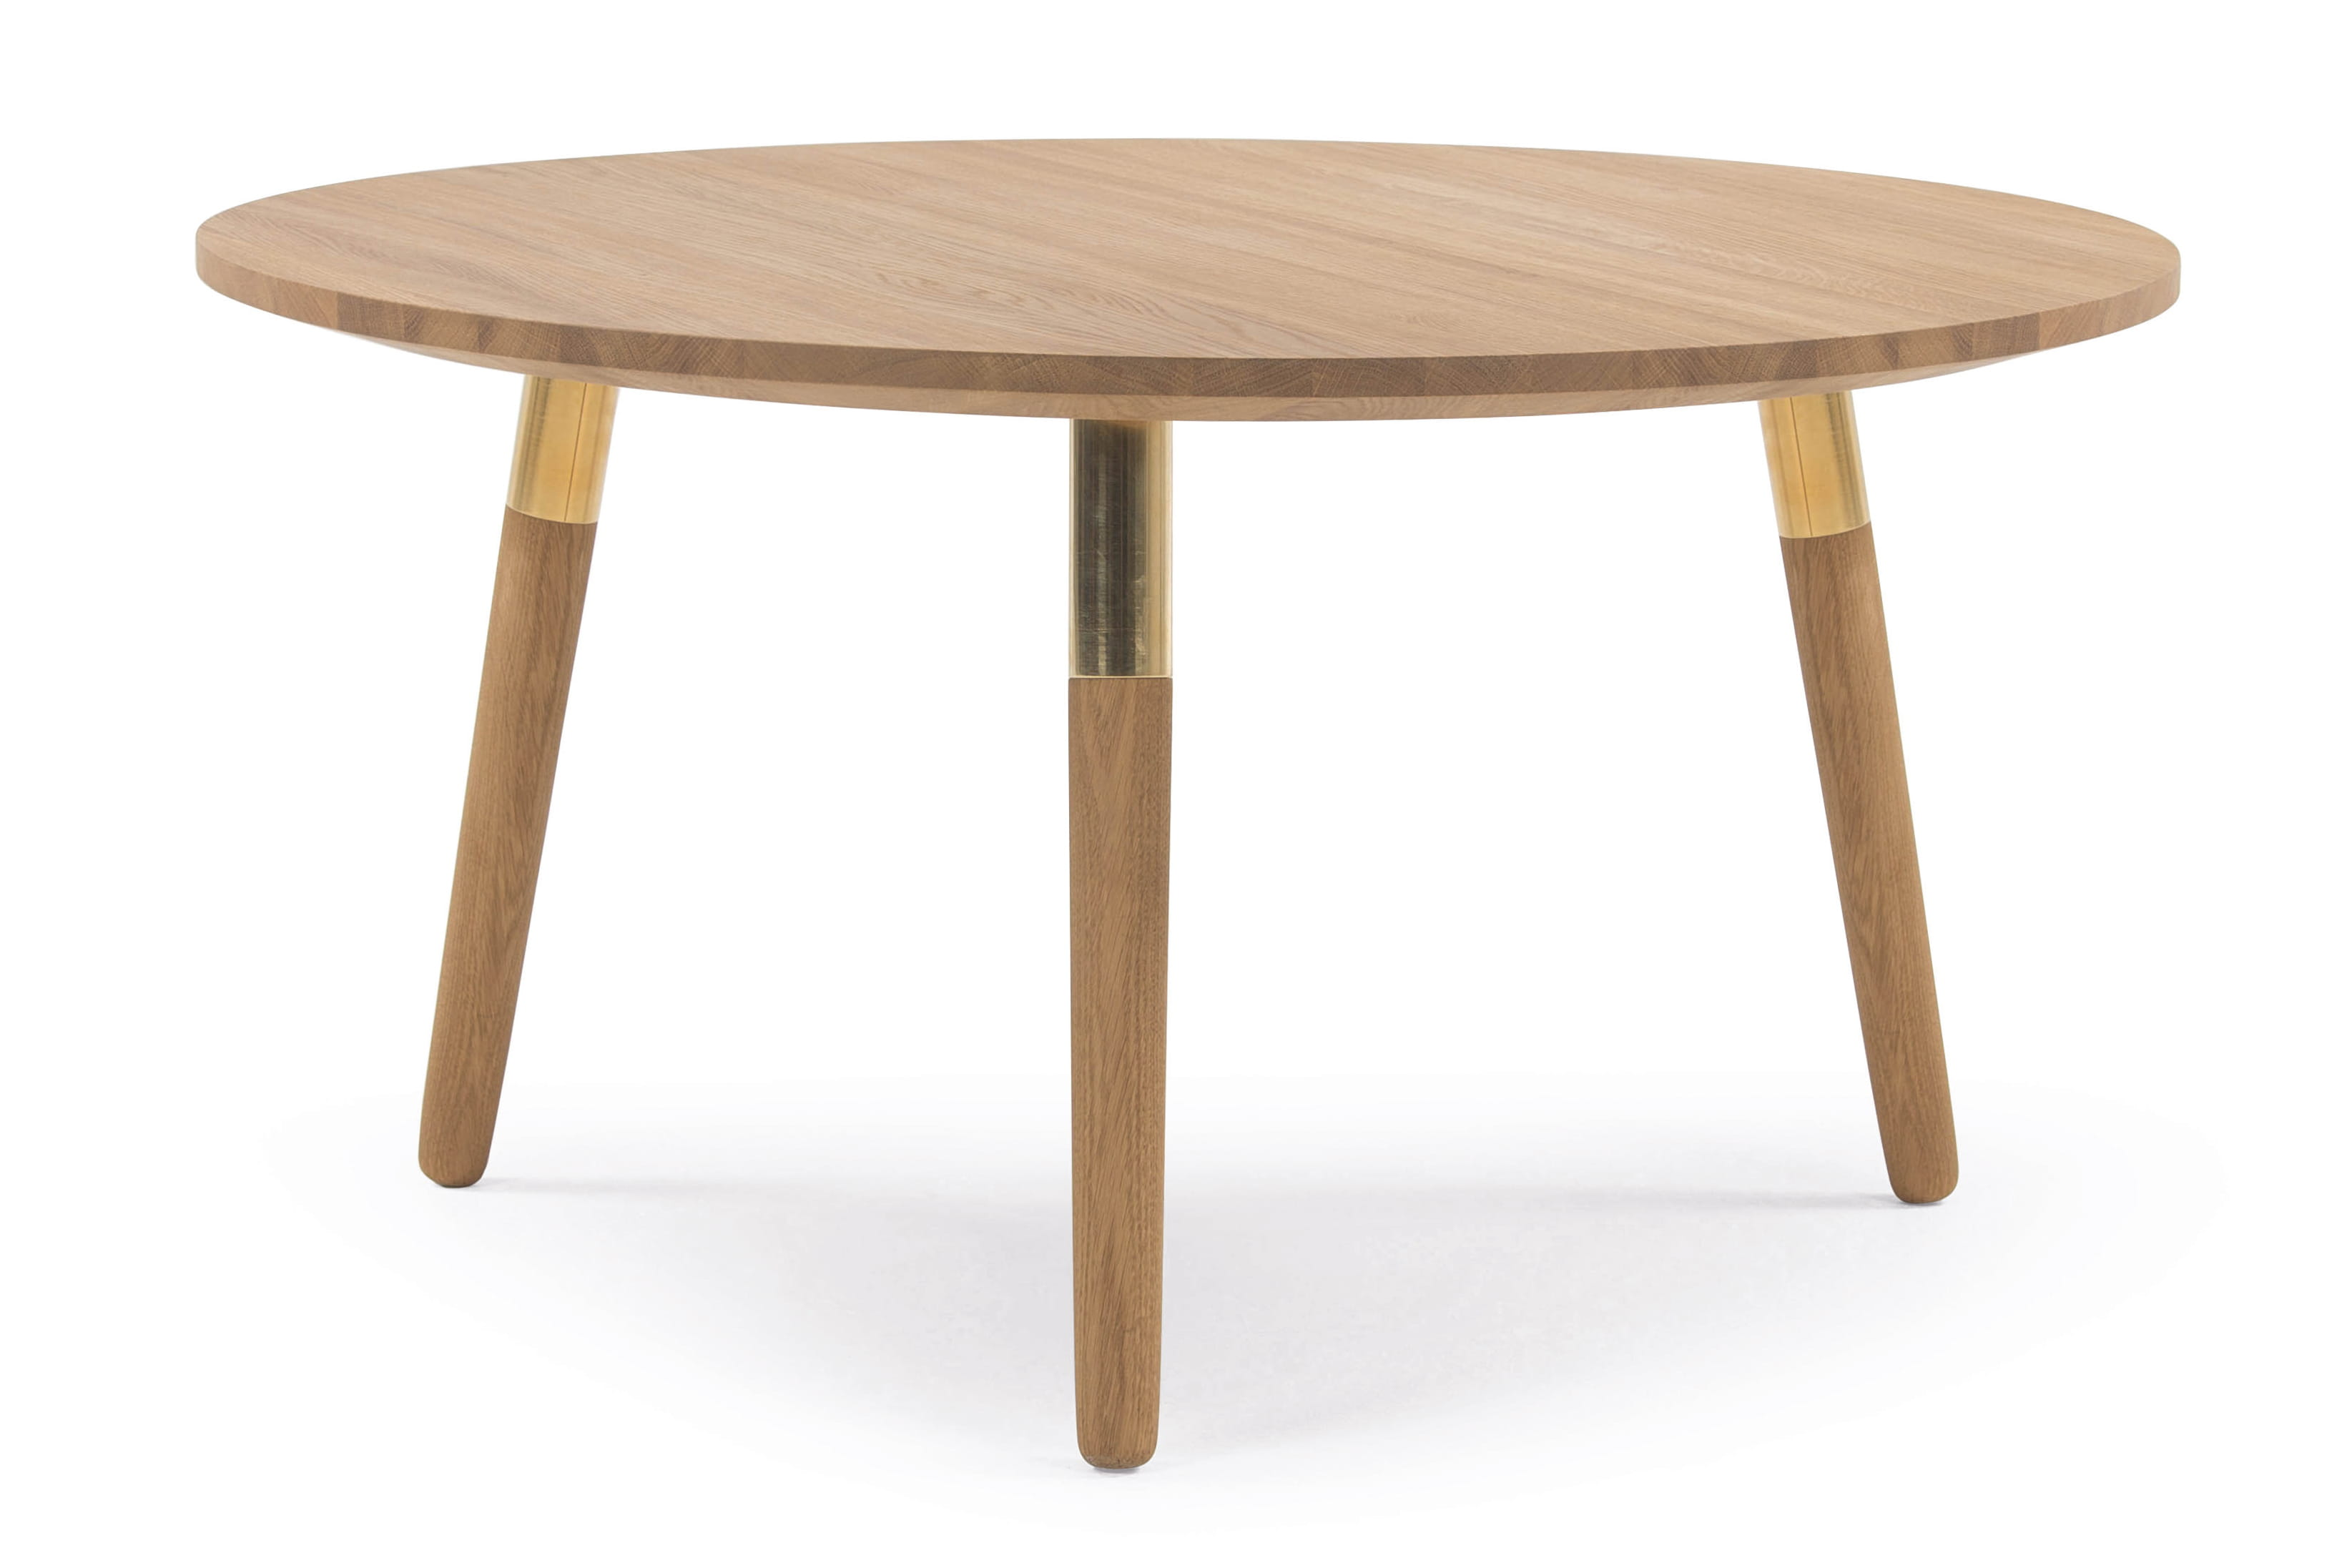 table basse range le laiton comment l 39 aime t. Black Bedroom Furniture Sets. Home Design Ideas